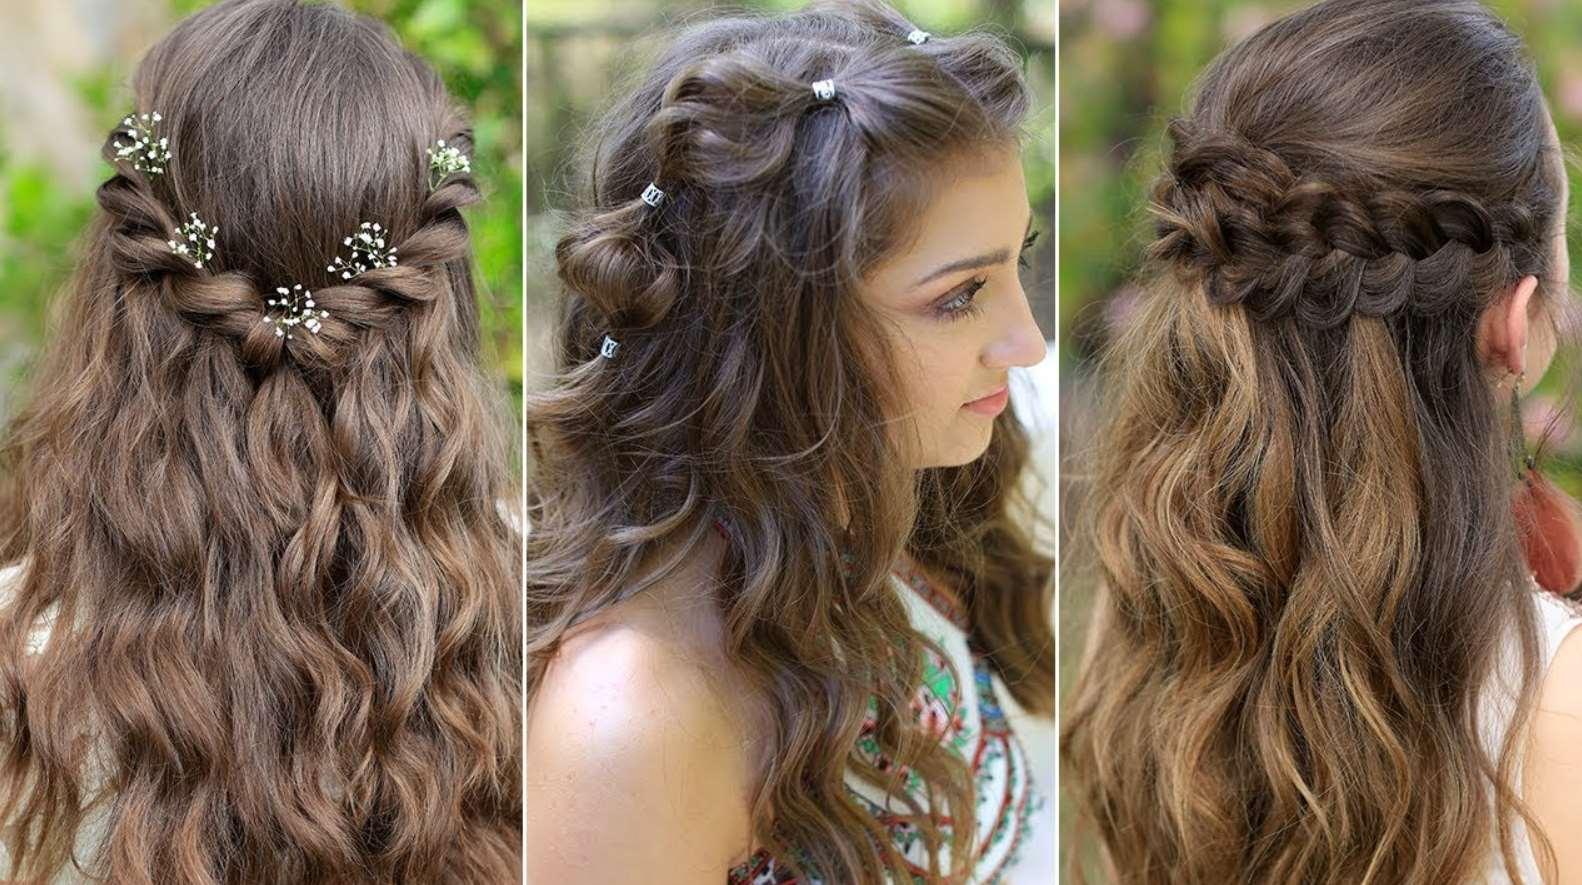 Princess Aurora Twistback with flowers